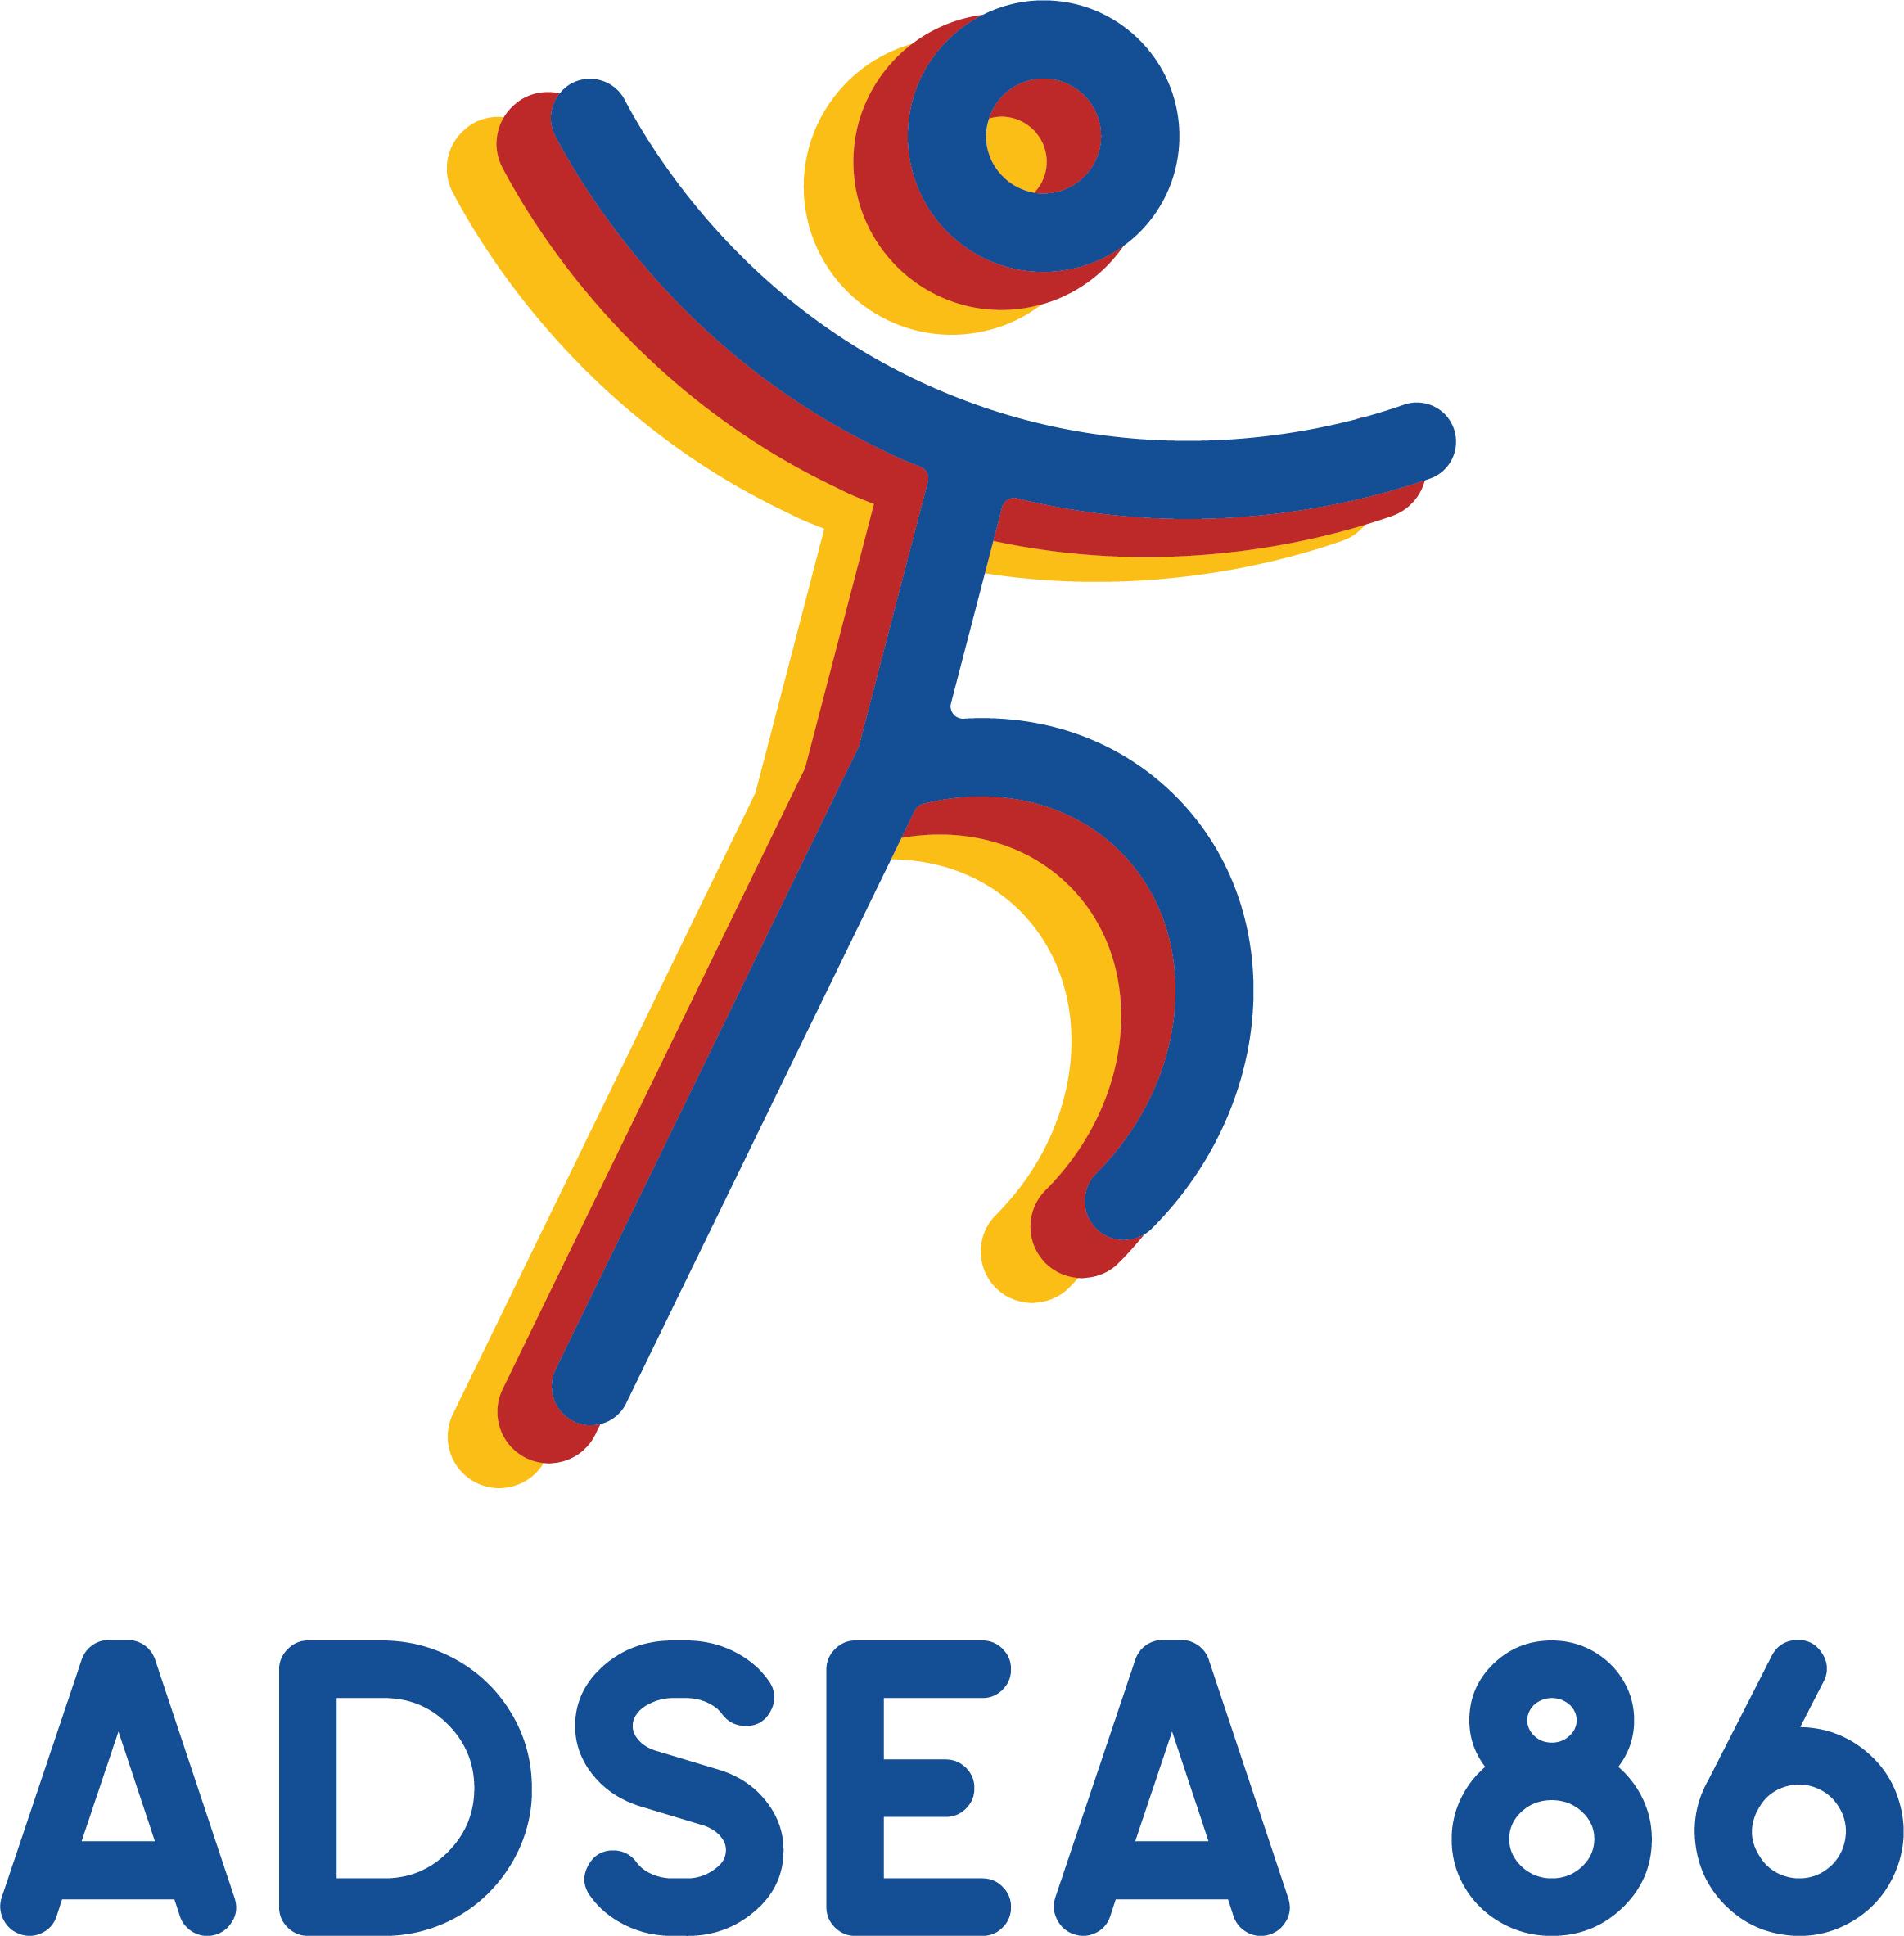 ADSEA 86